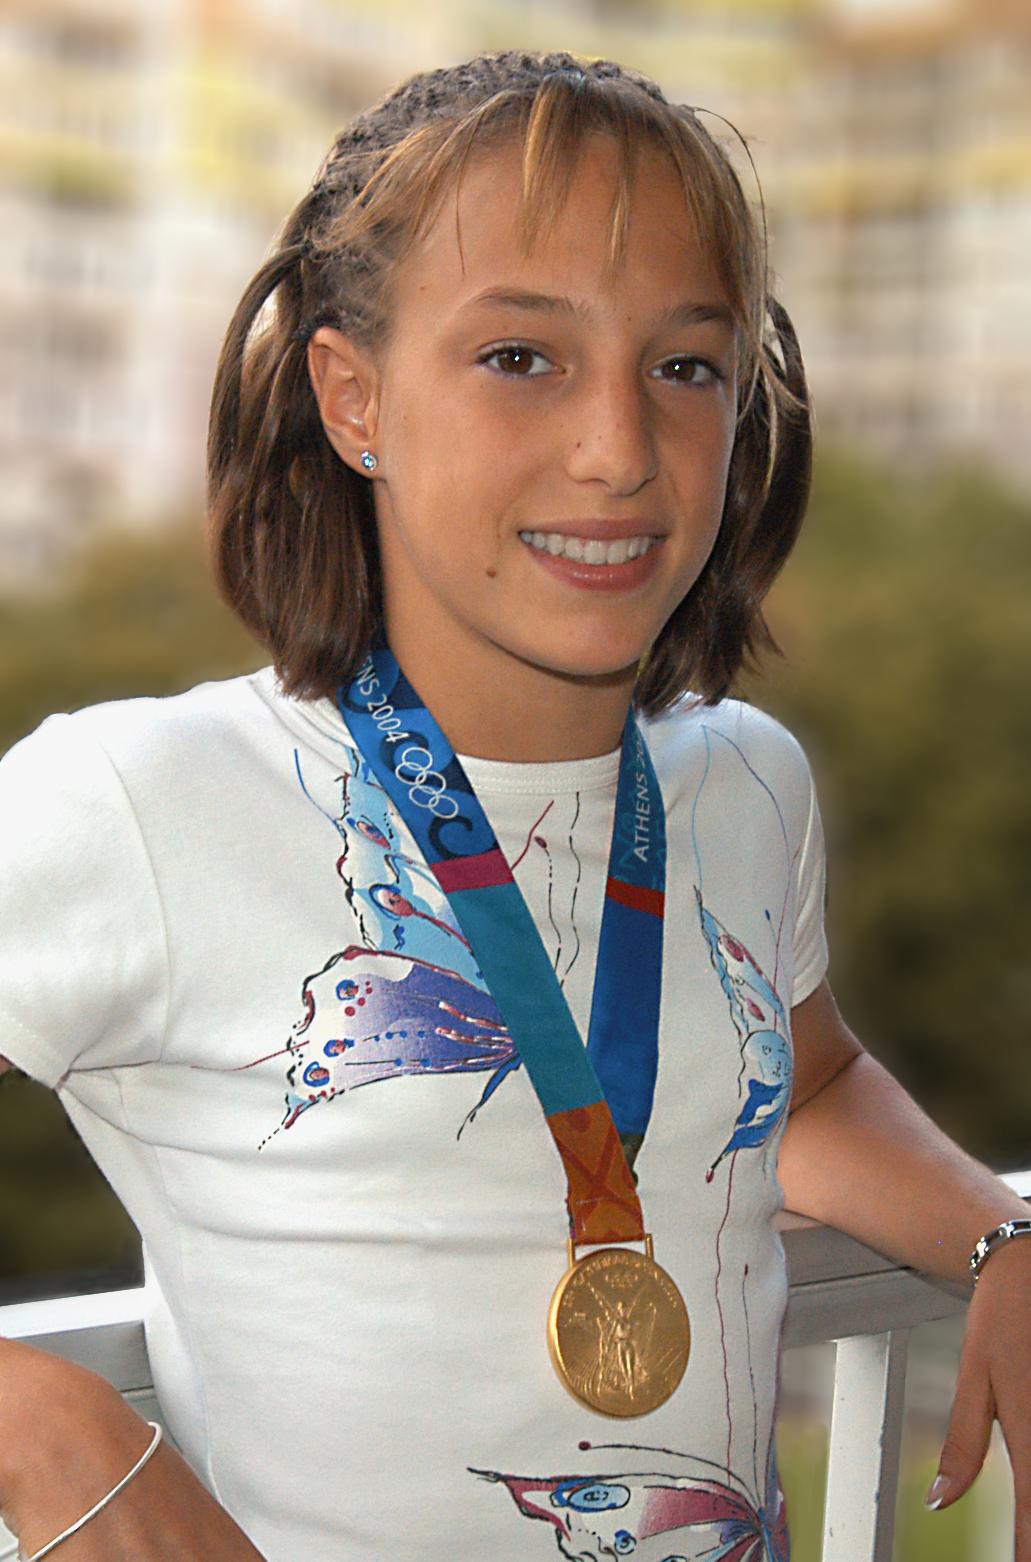 Émilie Le Pennec - Wikipedia